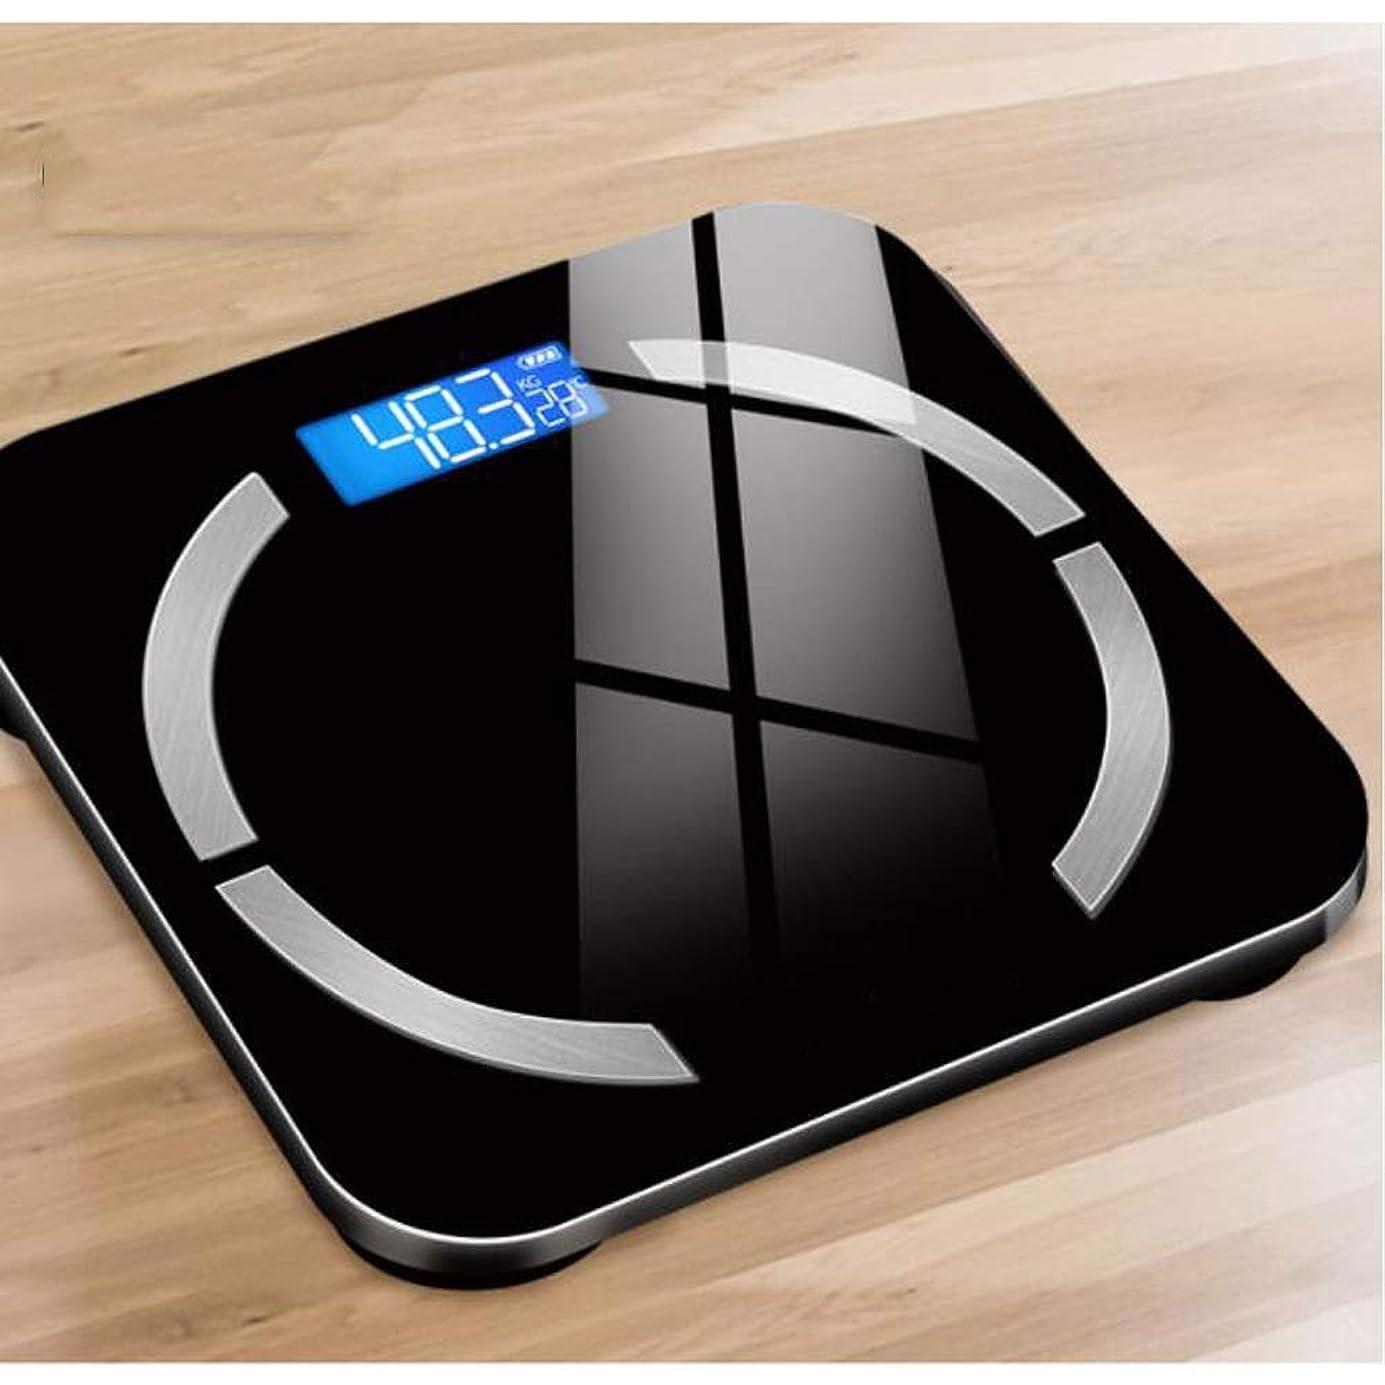 調整可能鉛筆主人スマートホーム小成人精密電子健康体重計ブルートゥースAPP USB充電-10.2 x 10.2 x 0.7インチ WJMYYX (Color : Black)